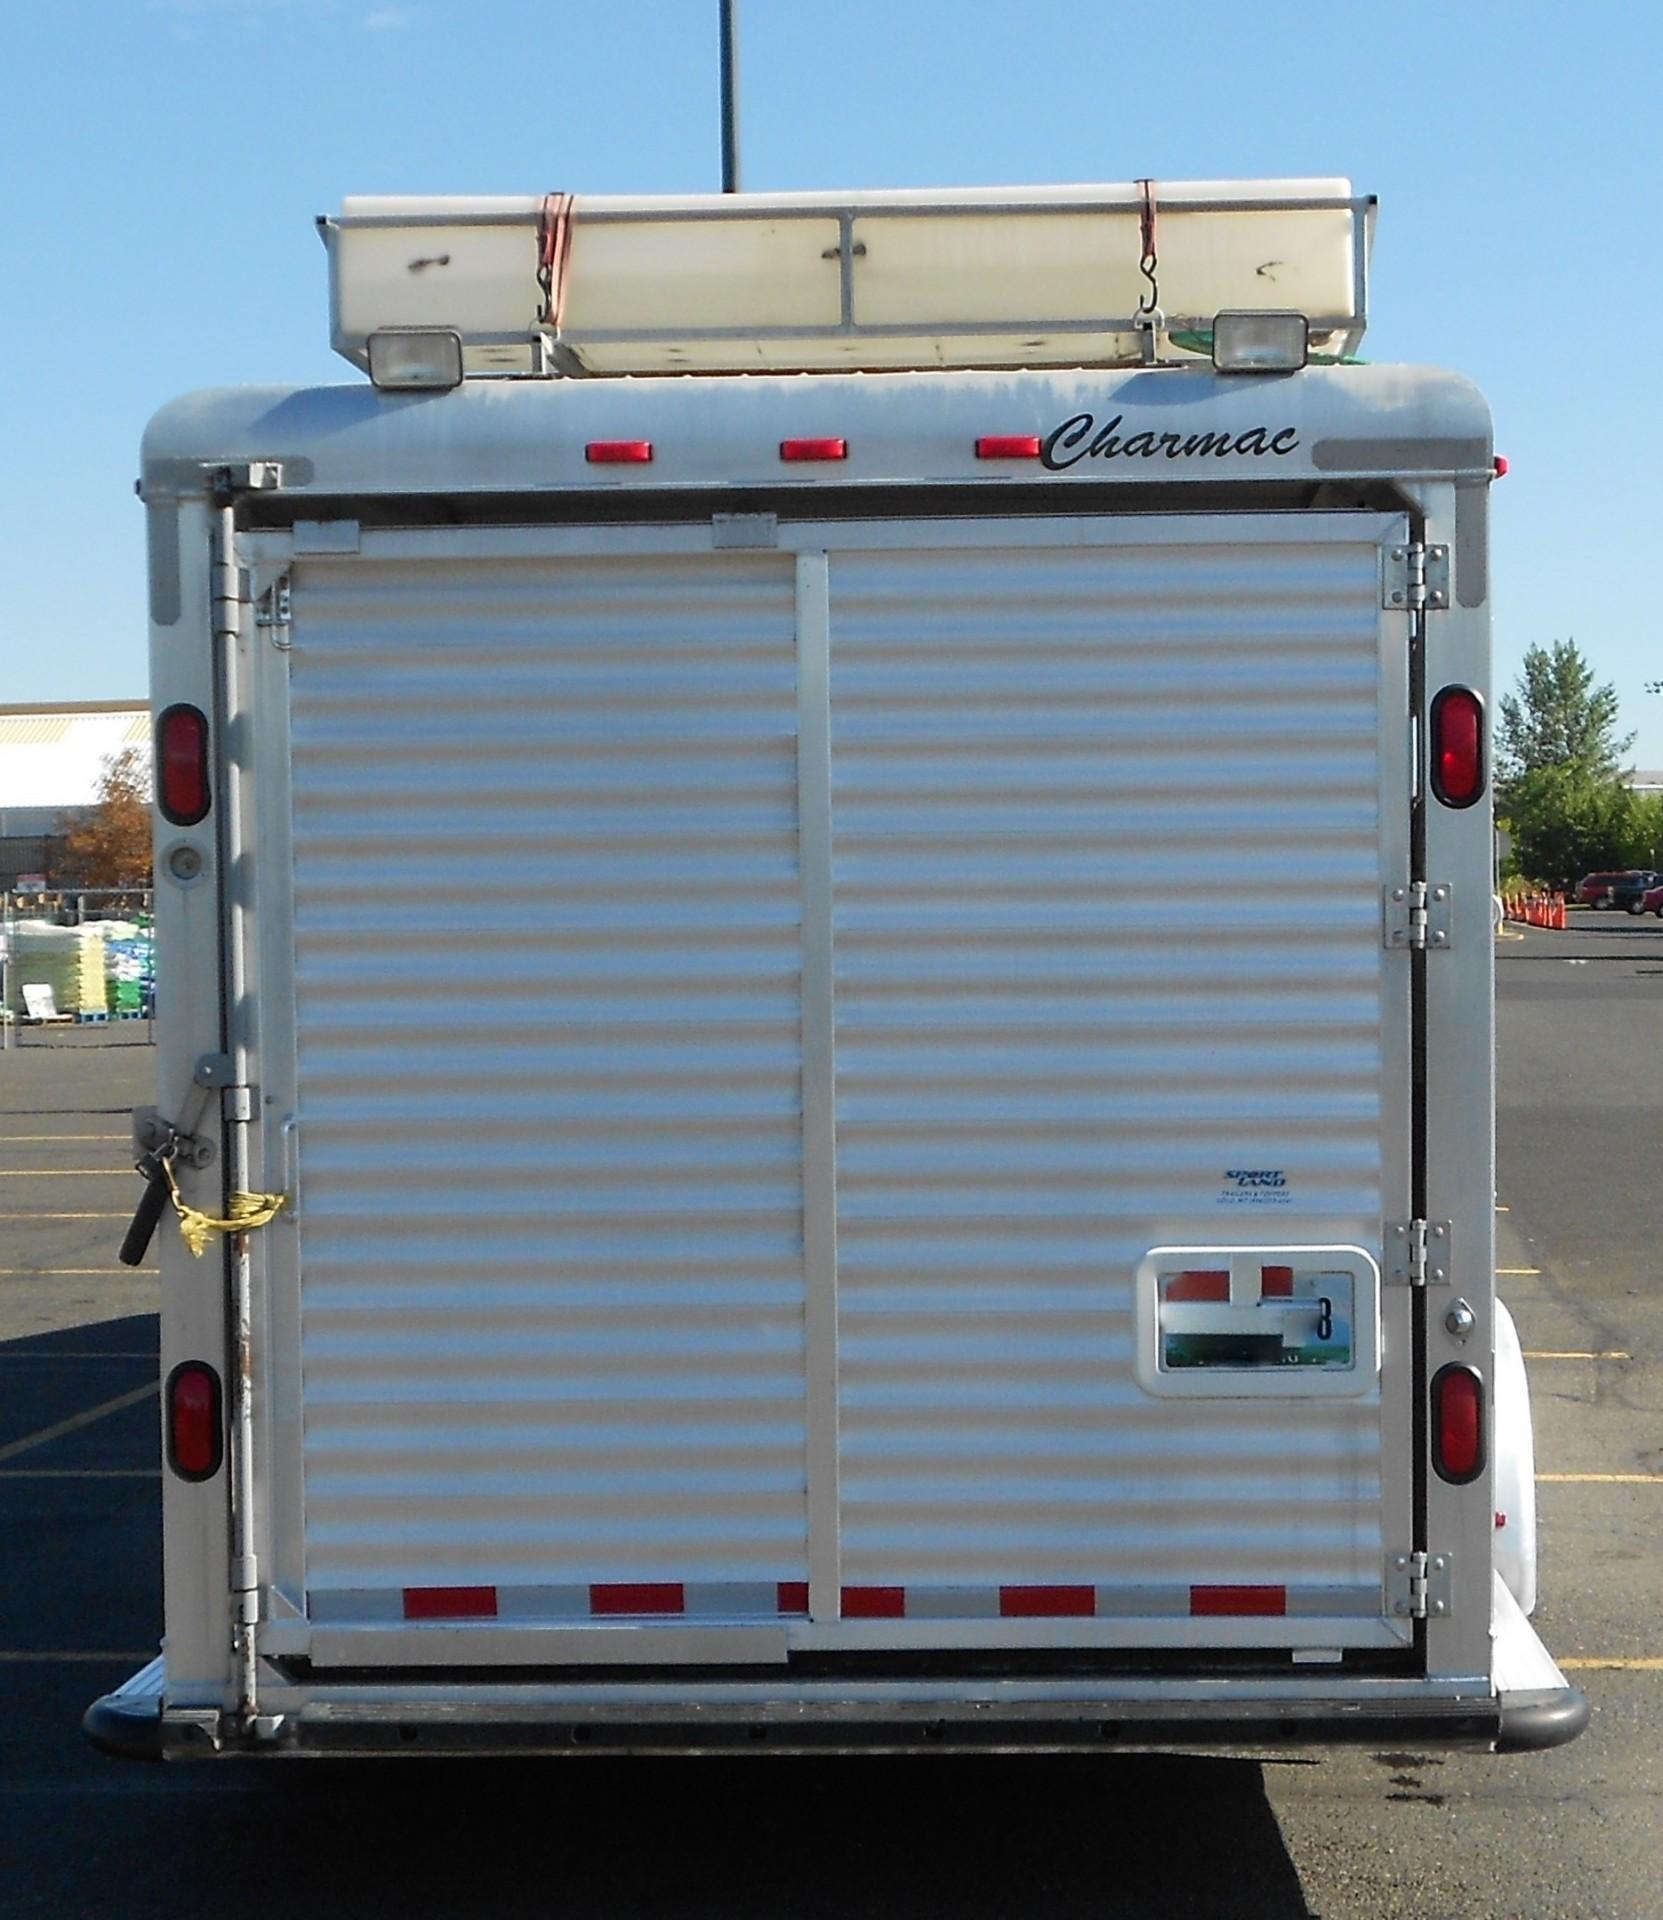 2004 Charmac custom 6 horse